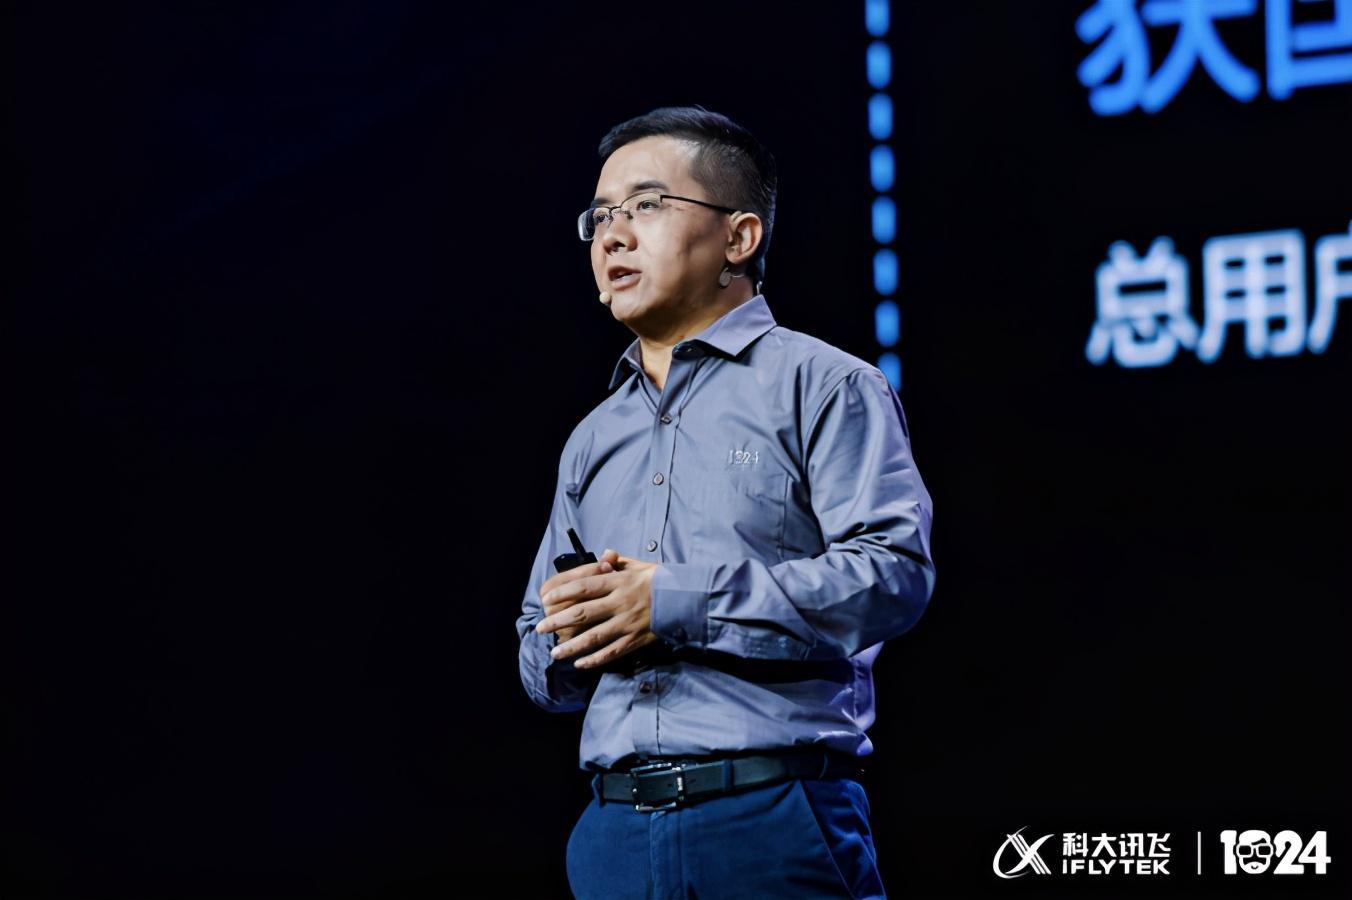 2020科大讯飞全球1024开发者节启幕